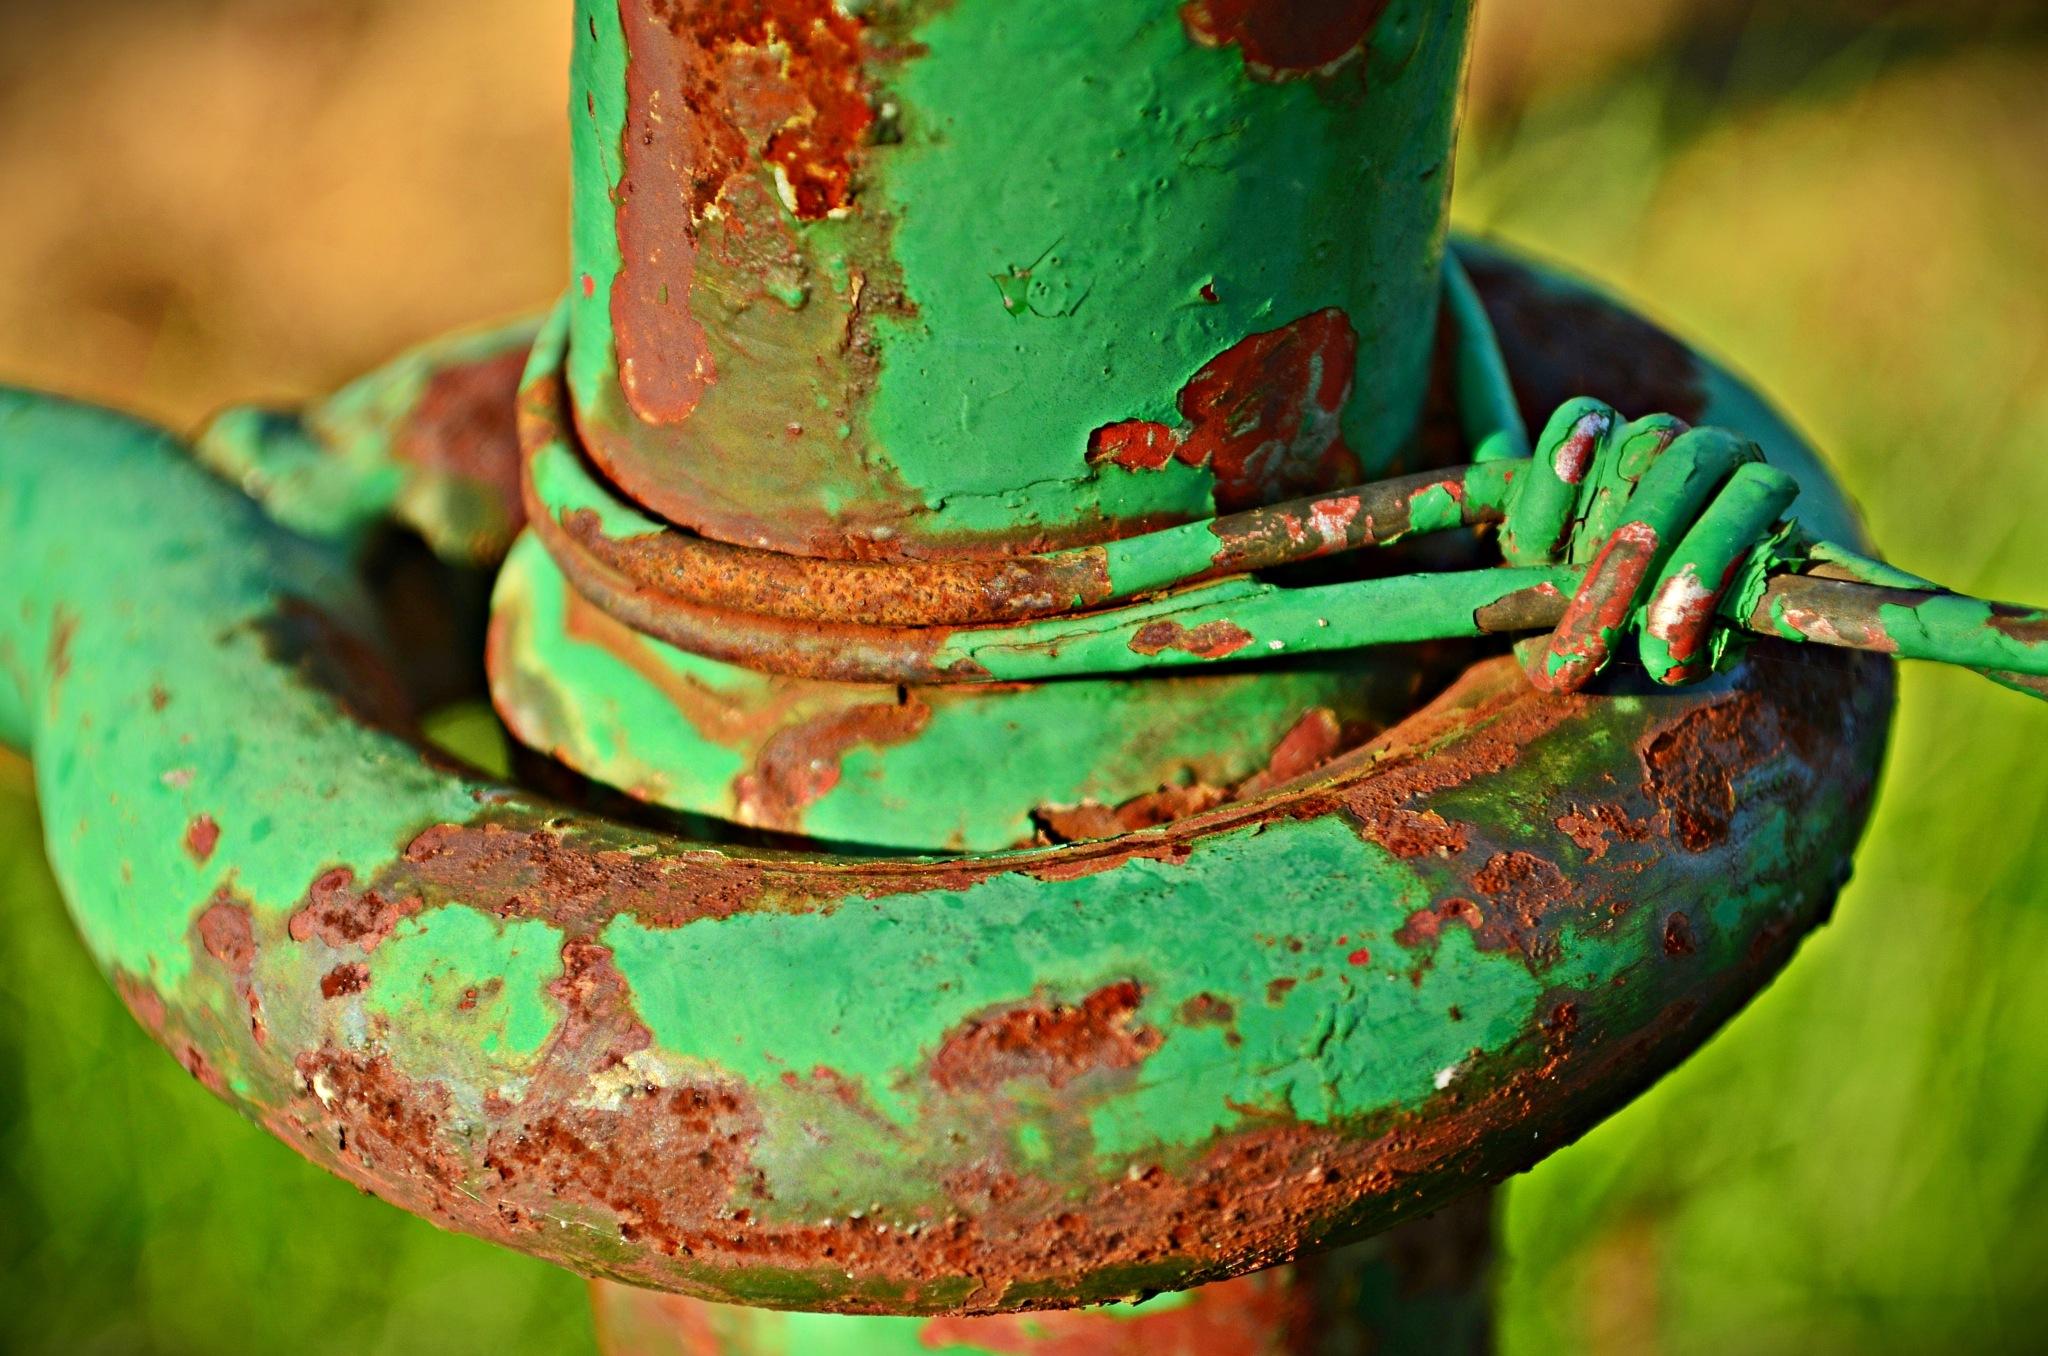 Rusty Green by debbielott